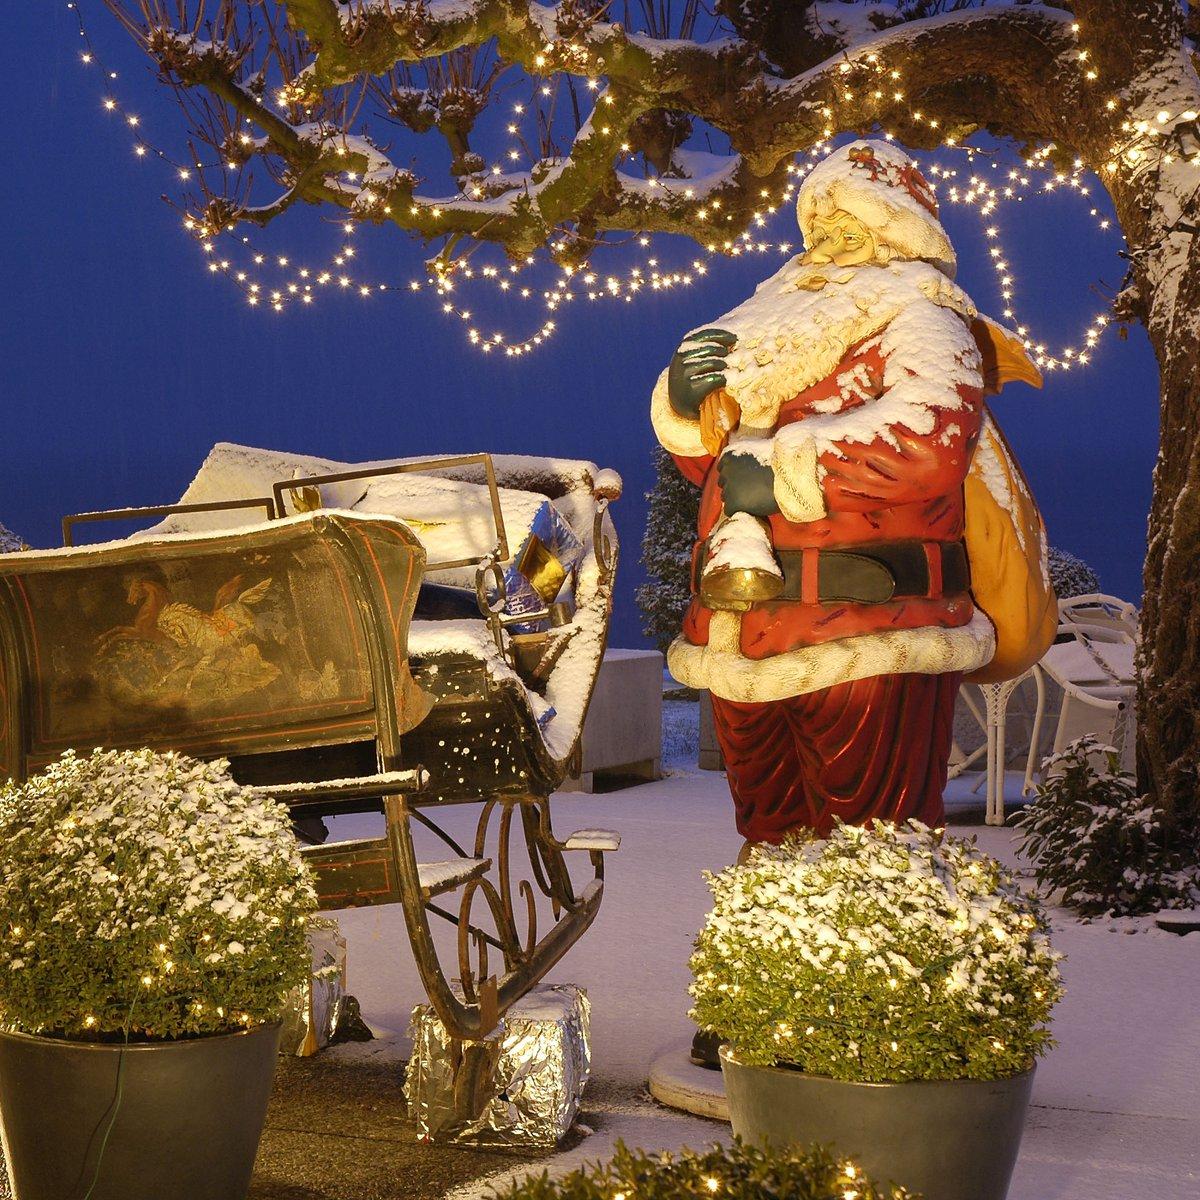 auch im Winter ein schönes Ambiente